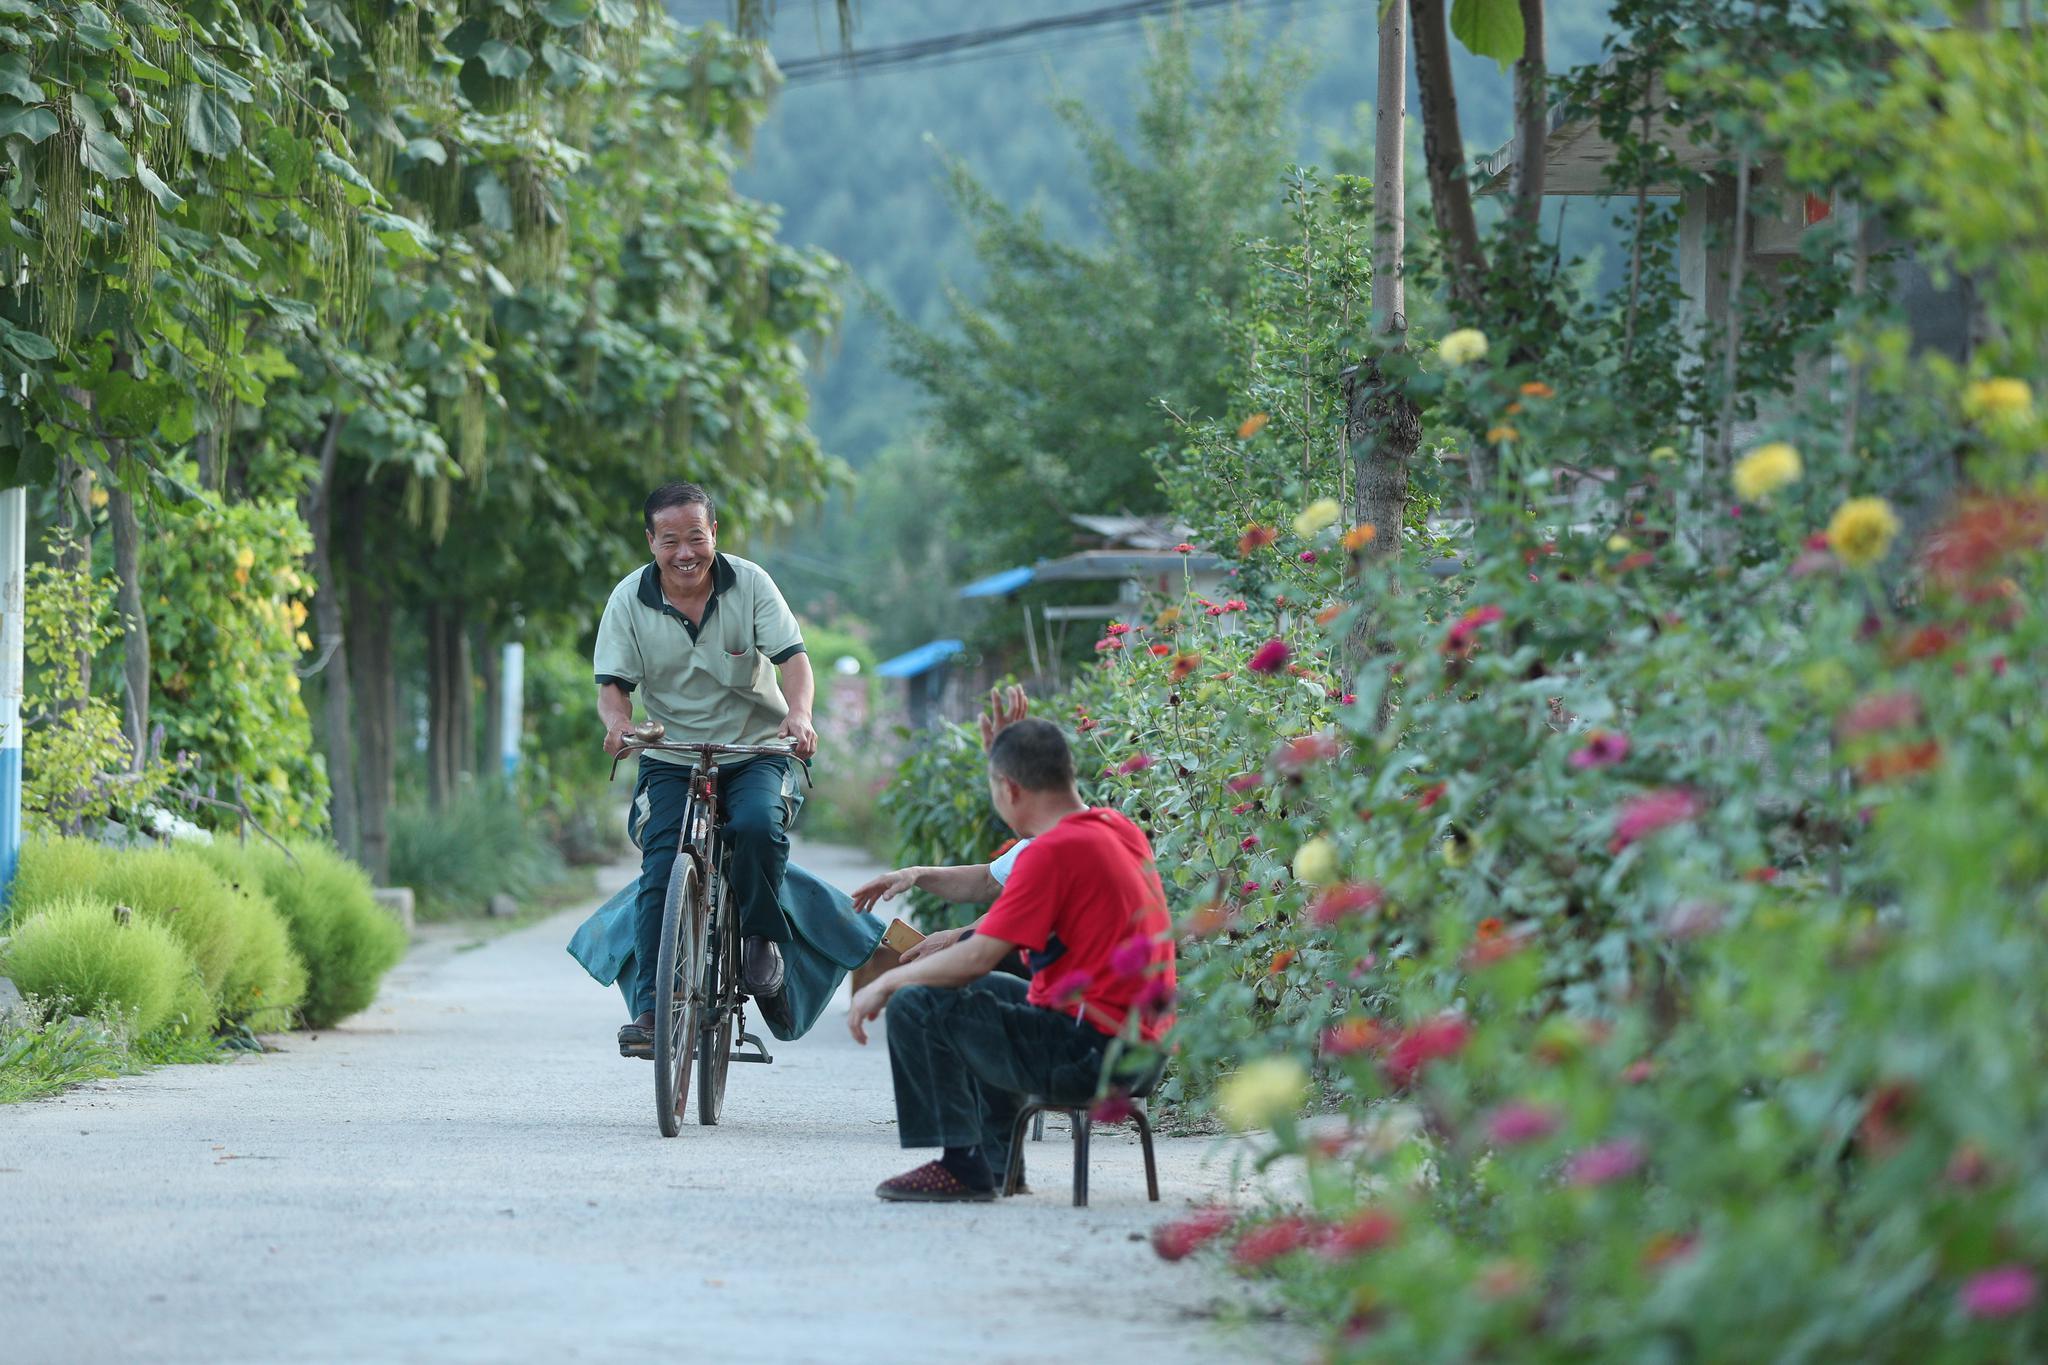 乡村邮递员耿有伟:远山、盘山路和6辆自行车见证他的26年